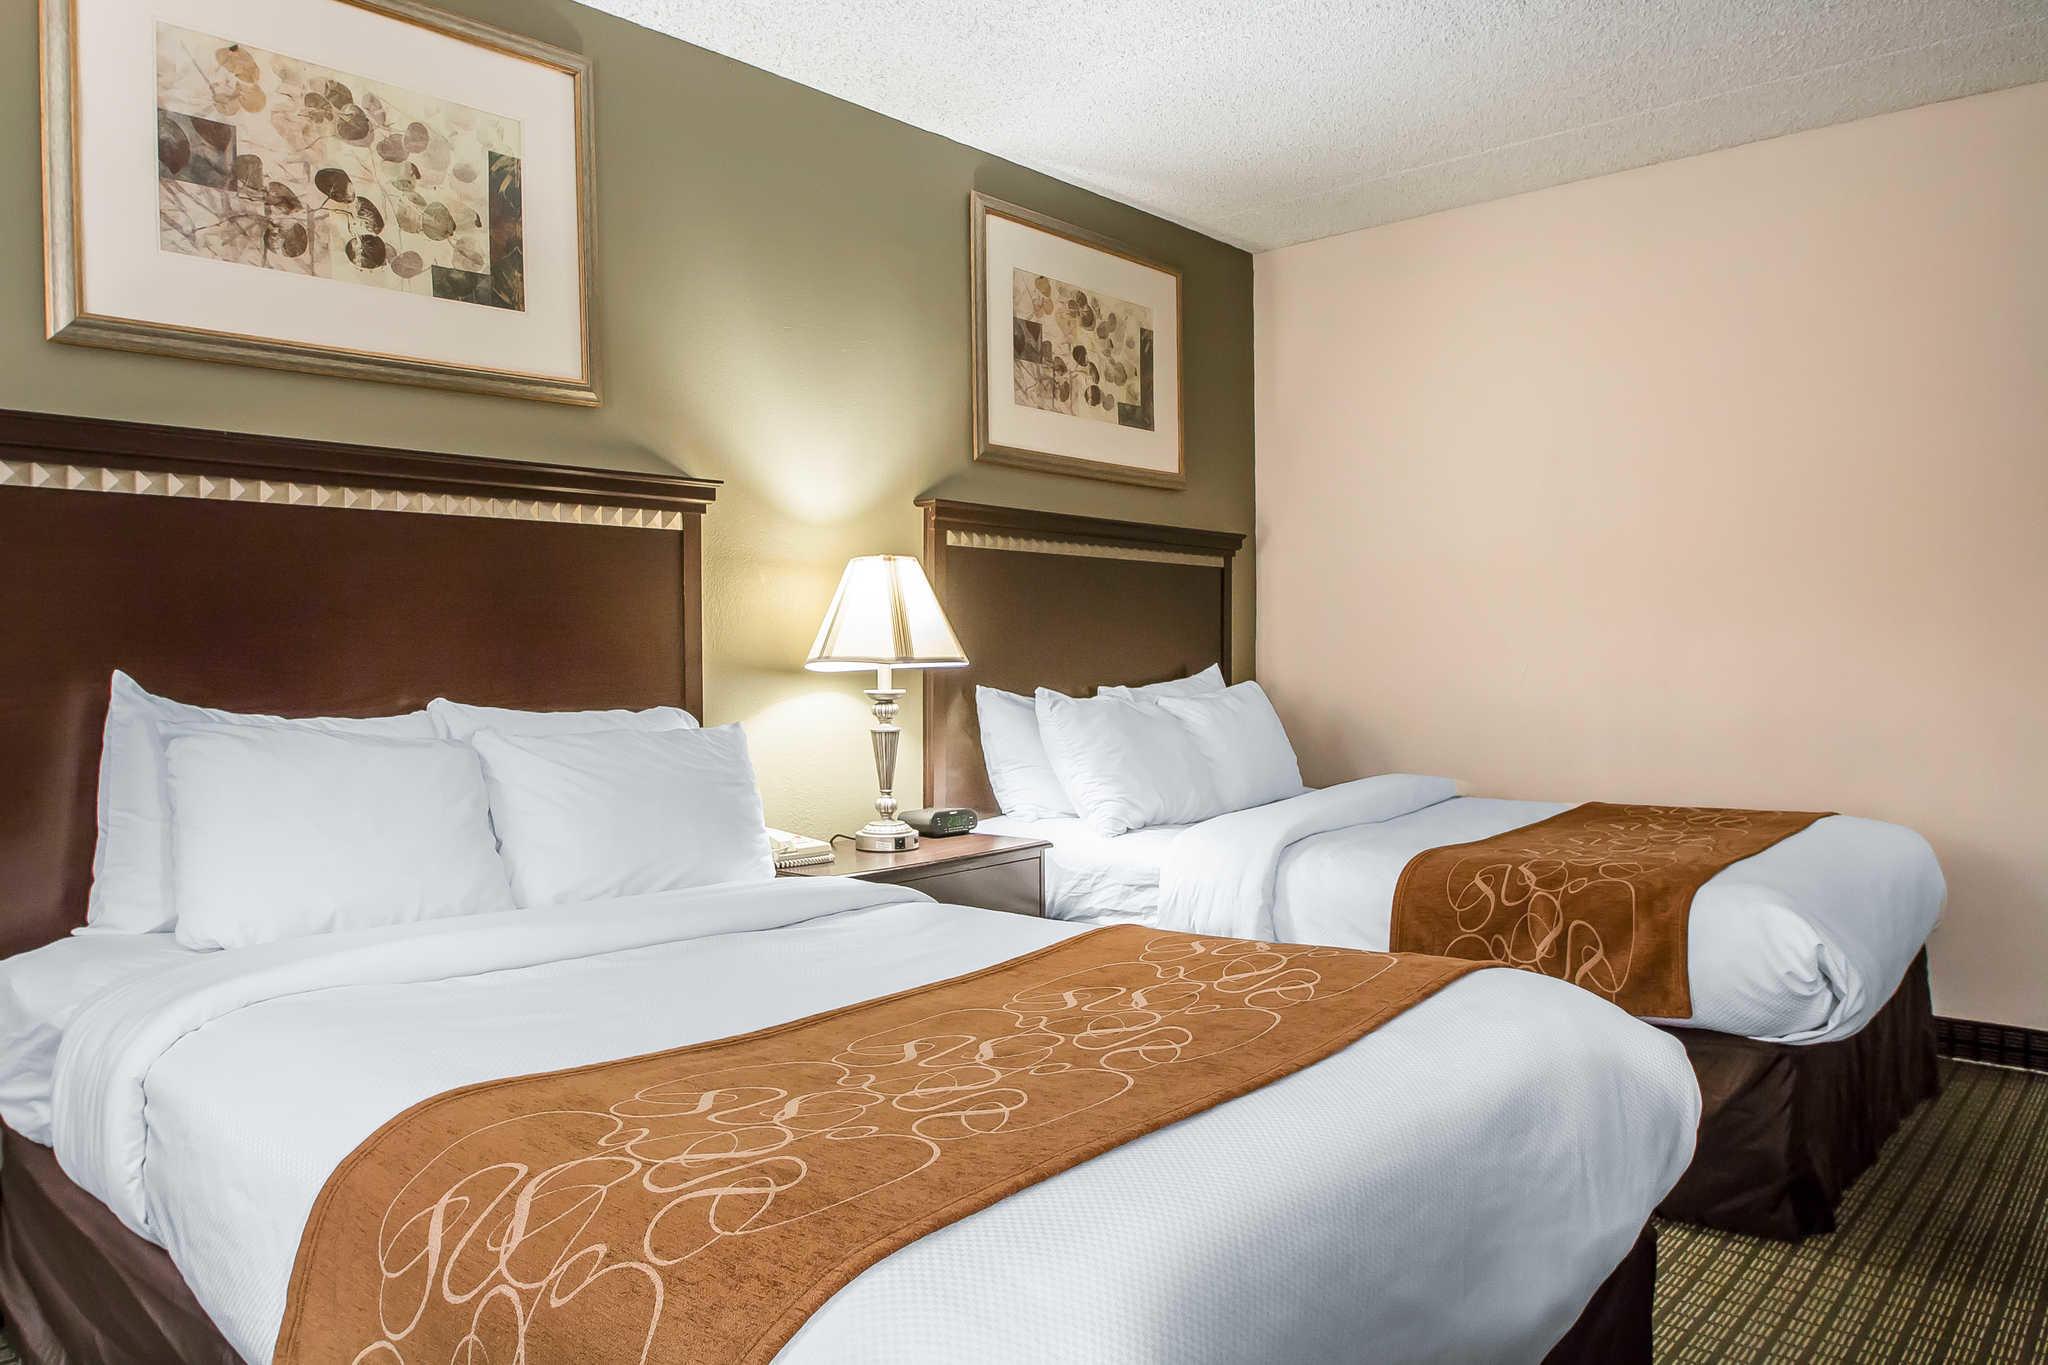 Comfort Inn & Suites - Rochelle, IL 61068 - (815)562-5551   ShowMeLocal.com